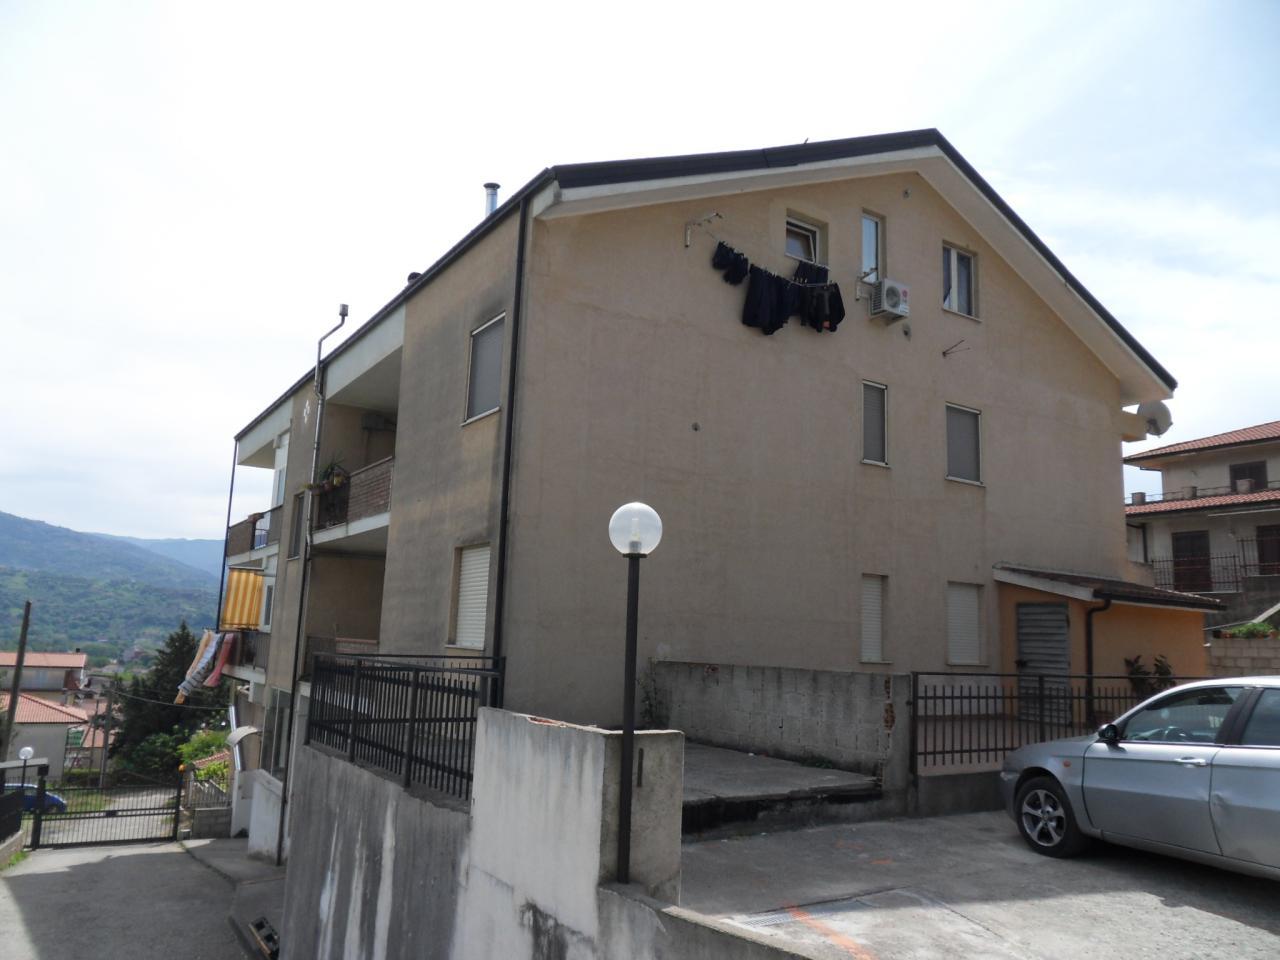 Appartamento in vendita a Montalto Uffugo, 8 locali, prezzo € 170.000 | Cambio Casa.it